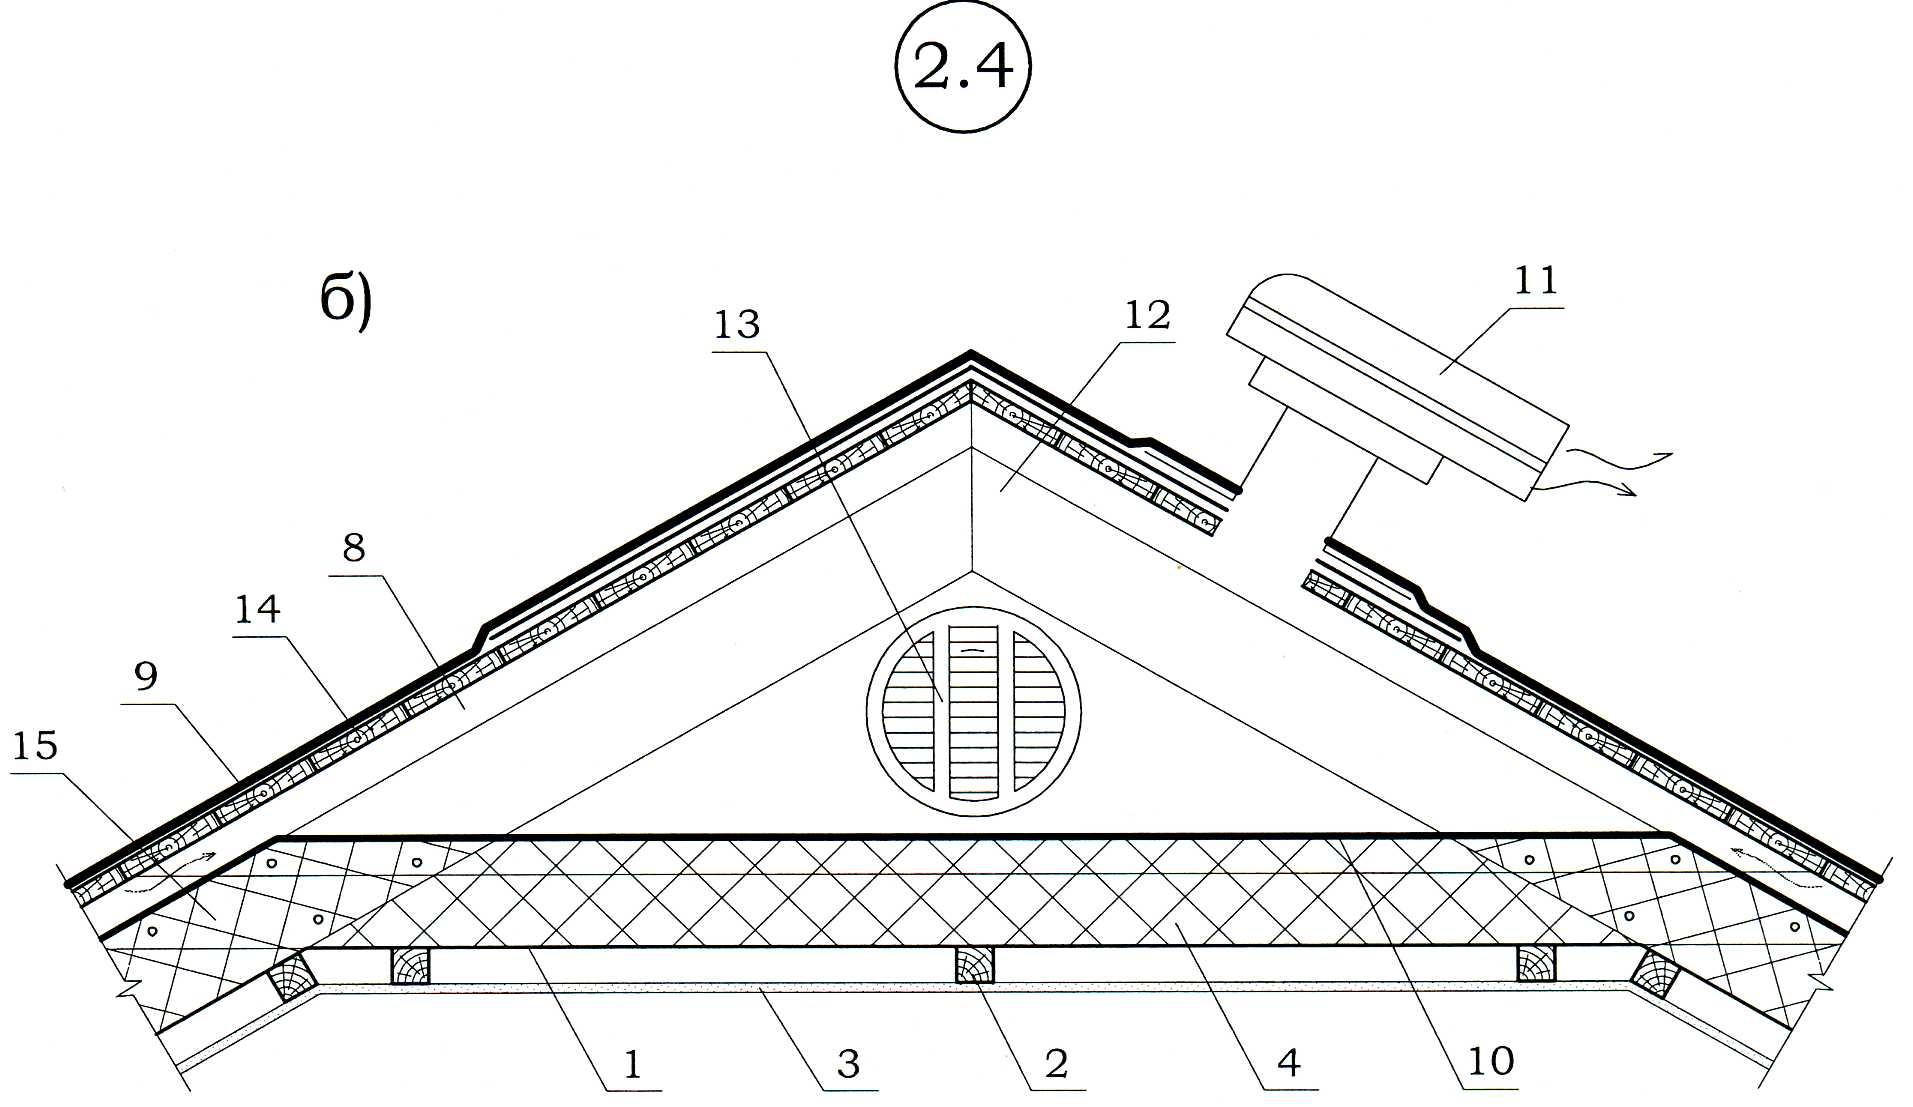 Конструкция и правила монтажа вентилируемого конька мягкой кровли - самстрой - строительство, дизайн, архитектура.